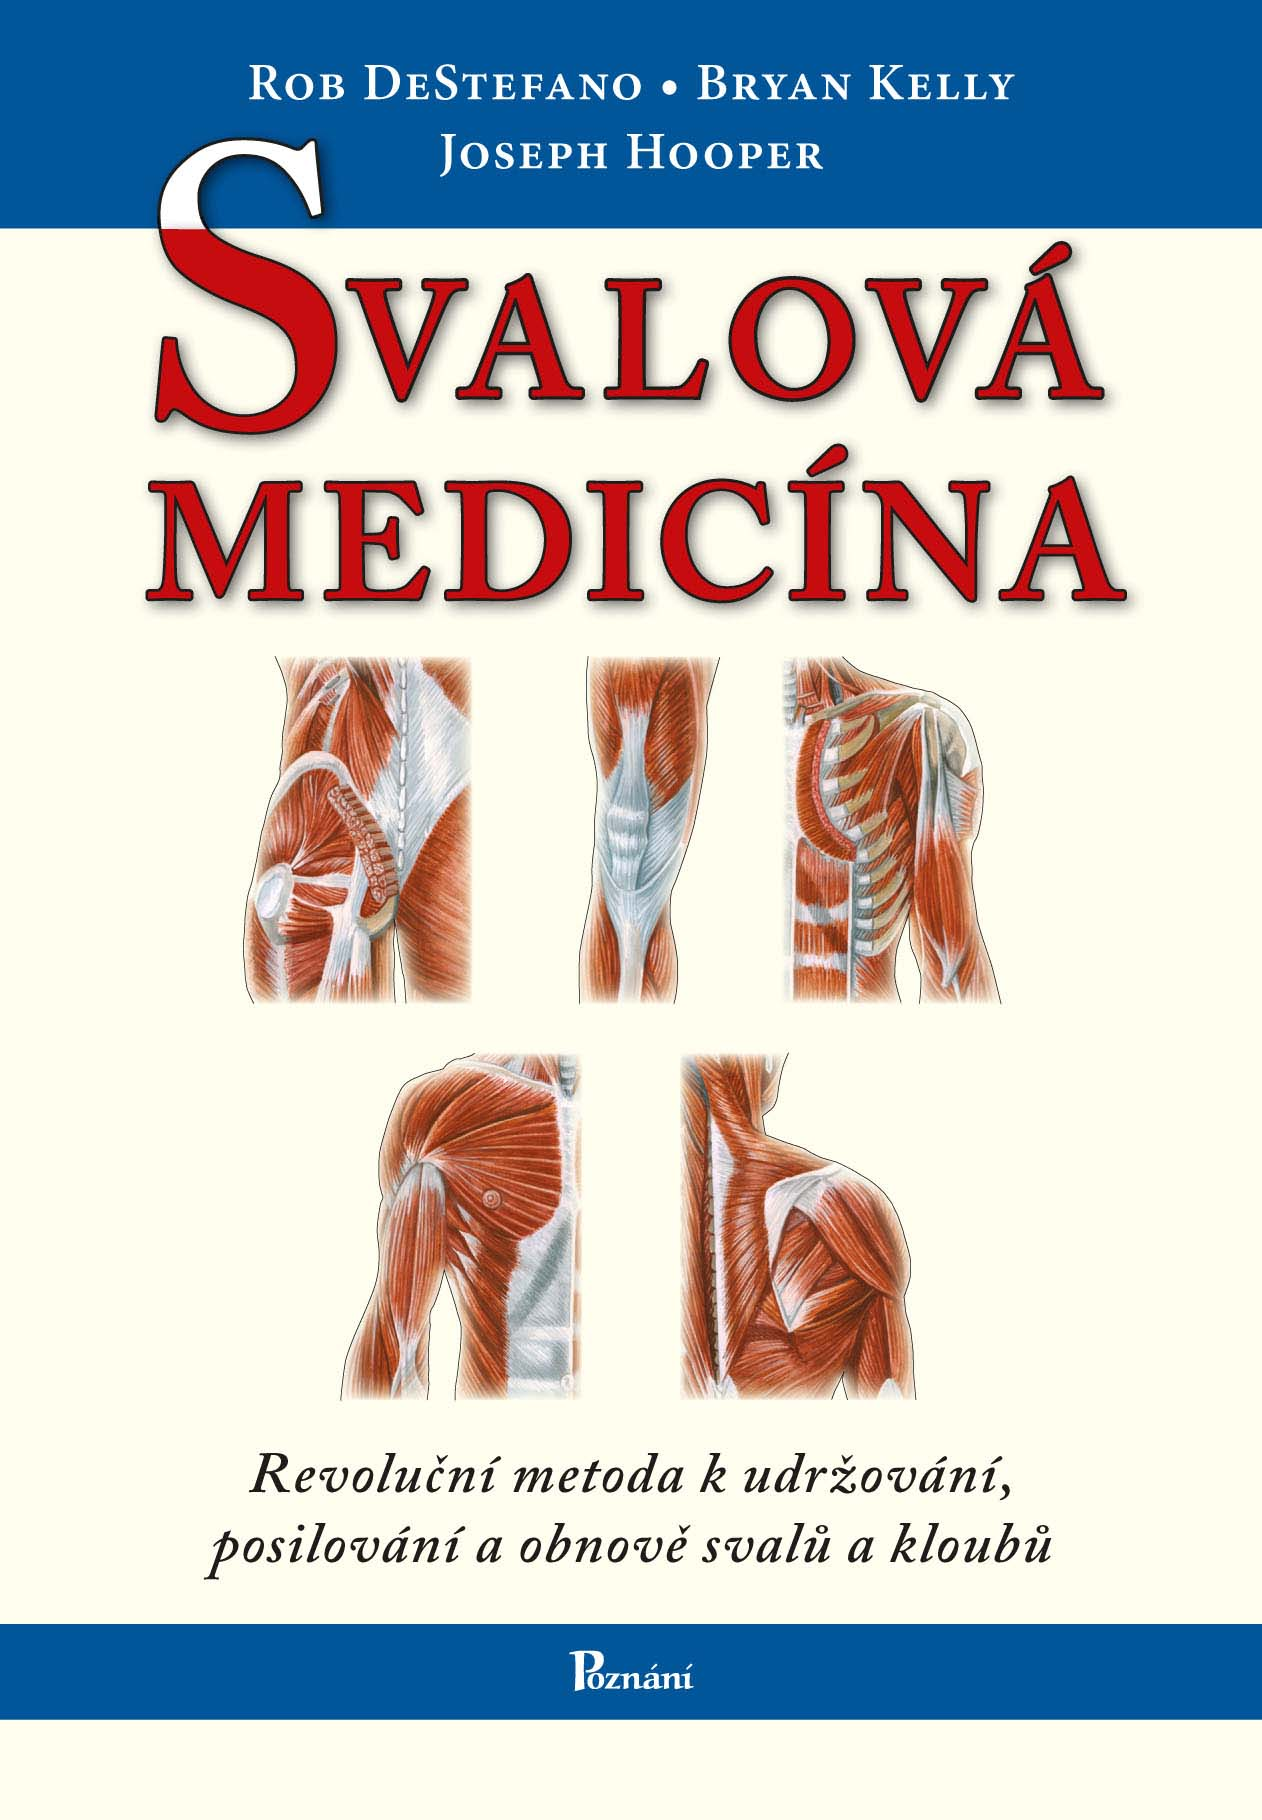 Svalová medicína - revoluční metoda k udržování, posilování a obnově svalů a kloubů